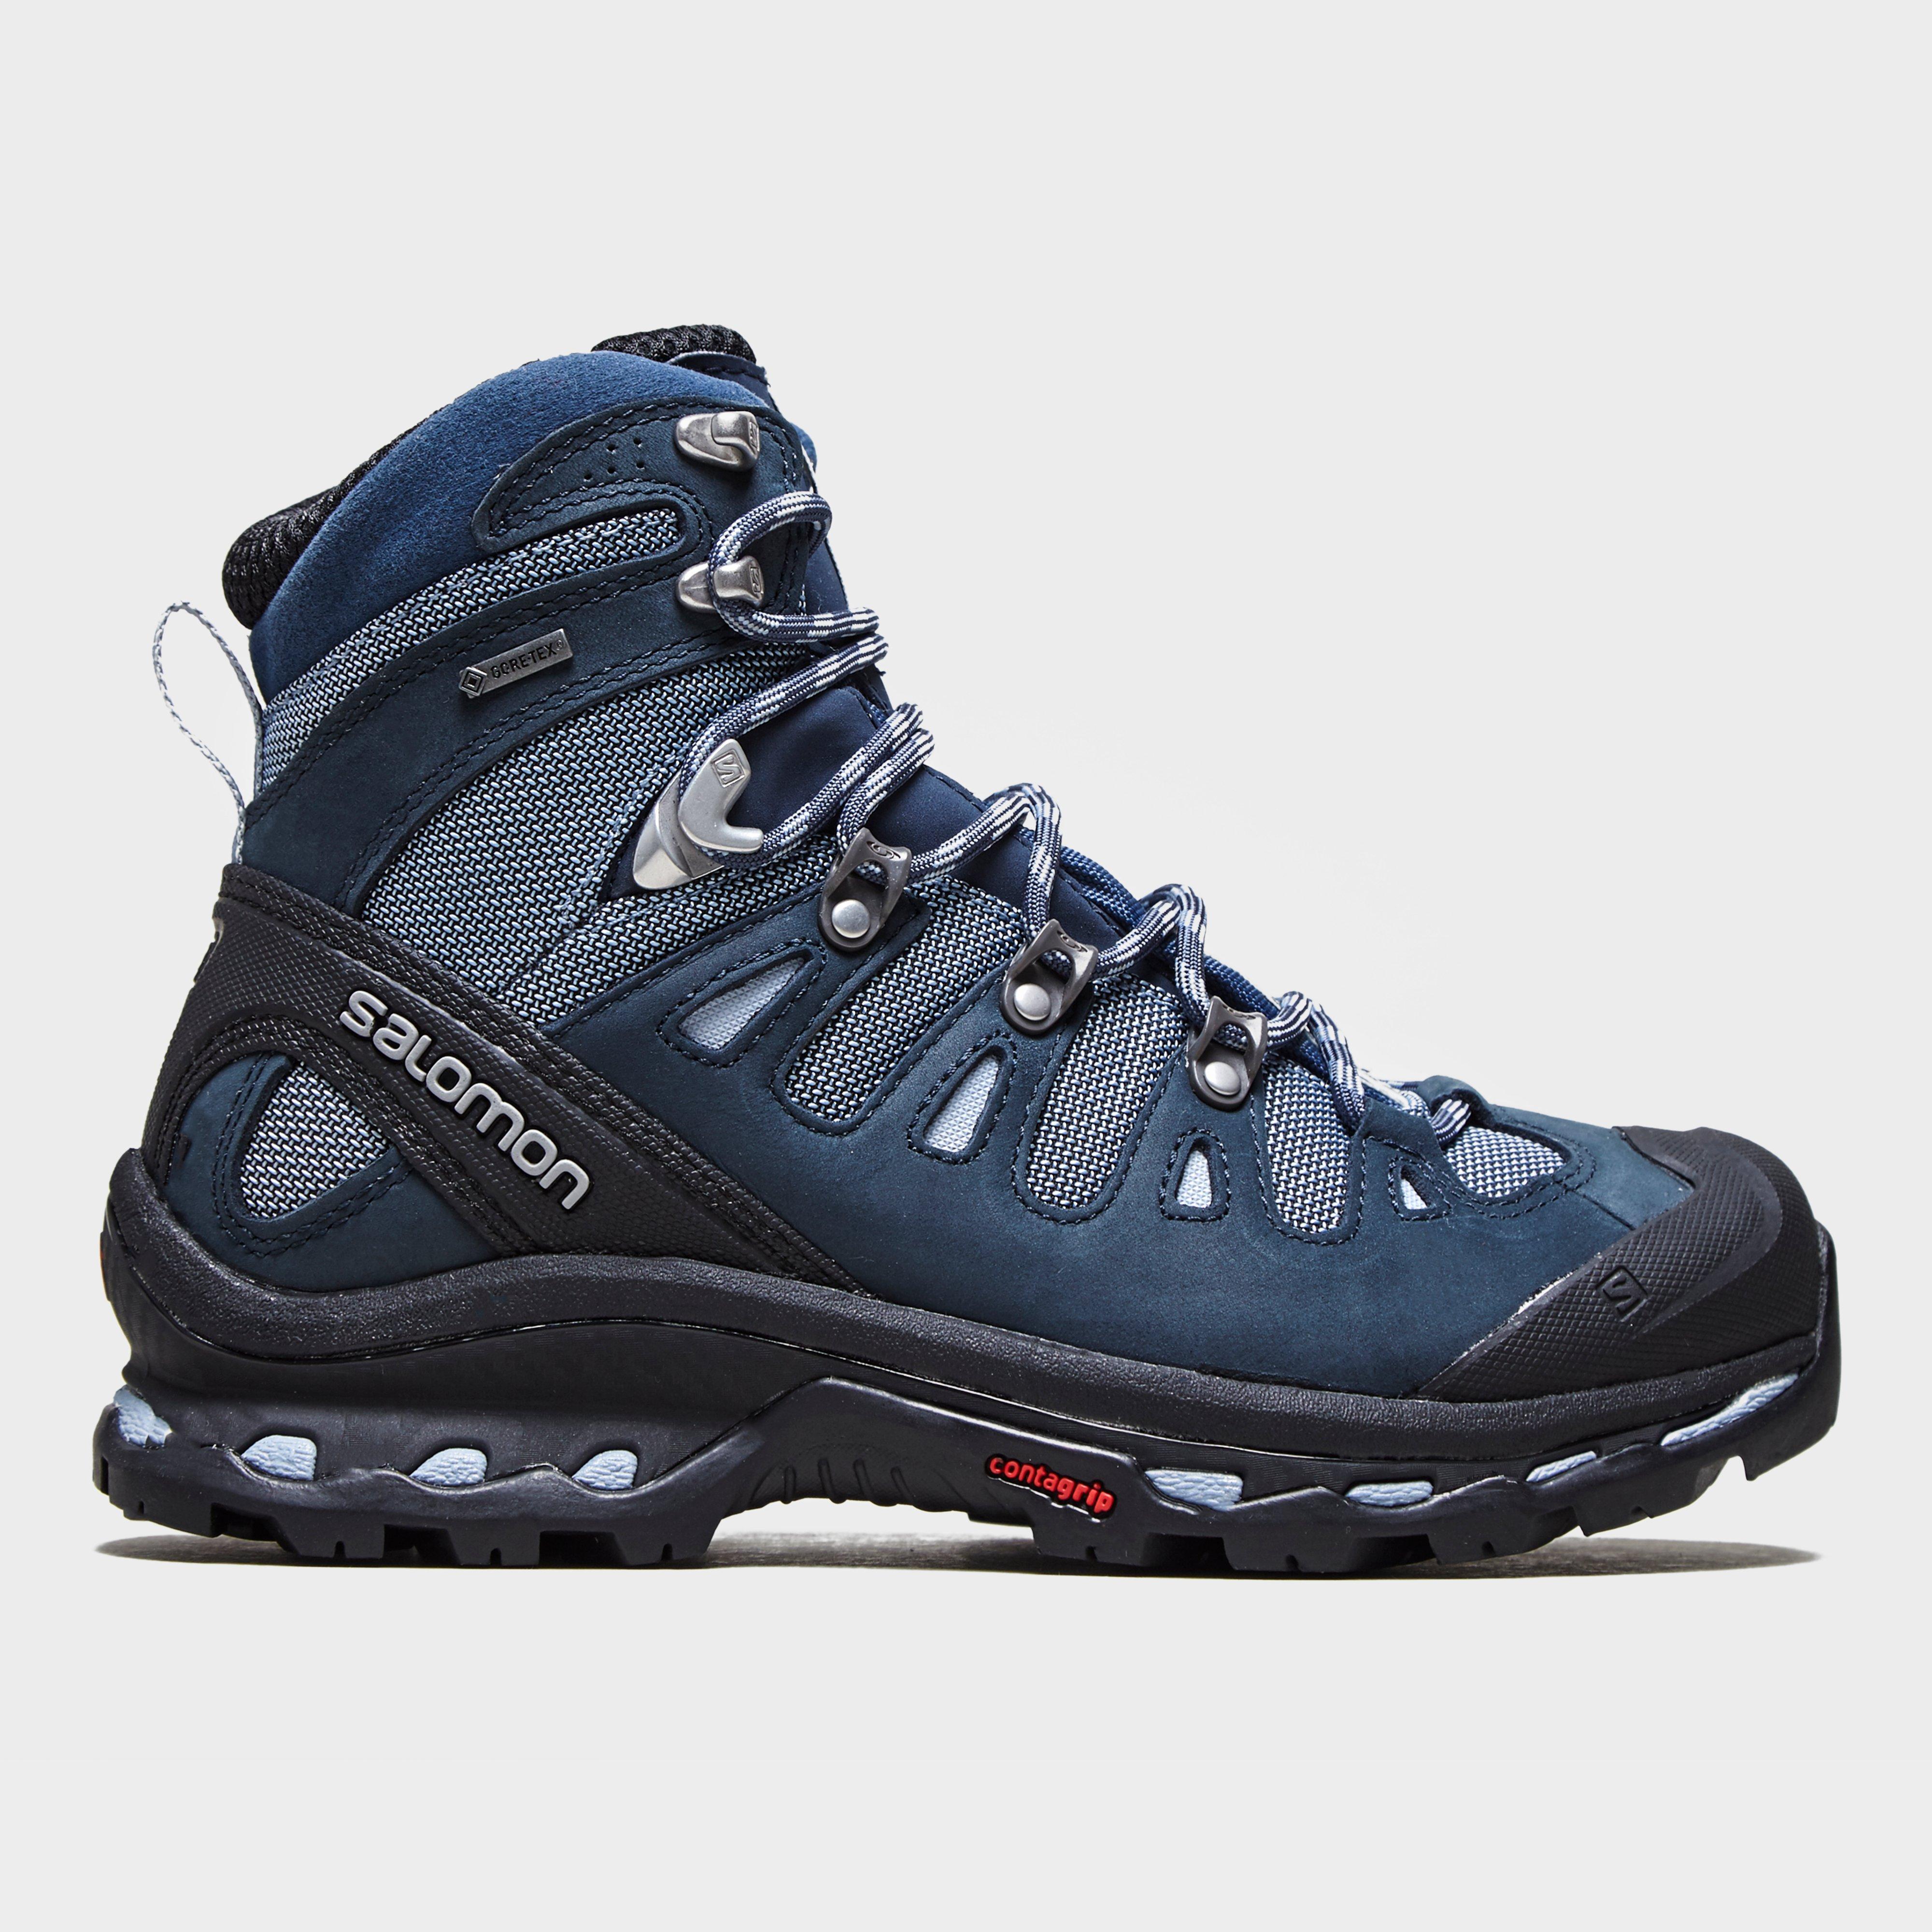 Details about New Salomon Womens Quest 4D 2 Gtx Hiking Boot Outdoor Footwear 2d4465a53